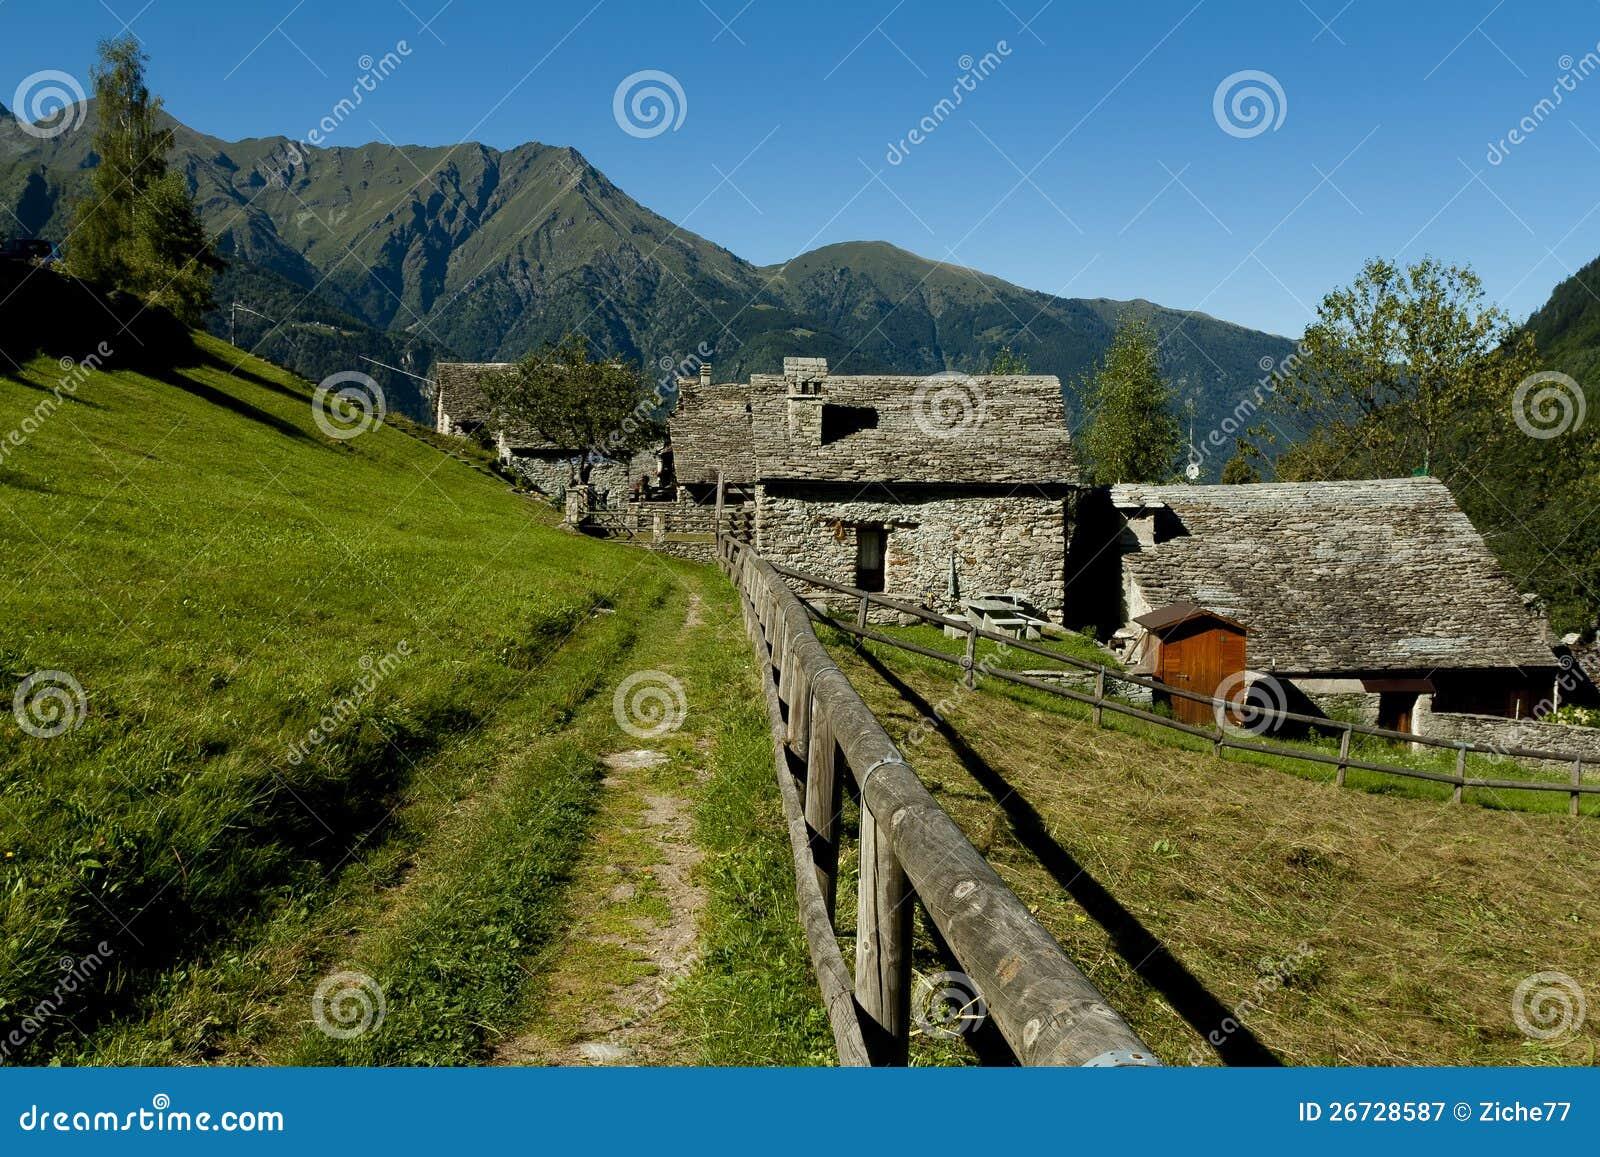 Case Di Montagna In Pietra : Pietra di credaro e pietre naturali preventivi gratuiti rivestimenti